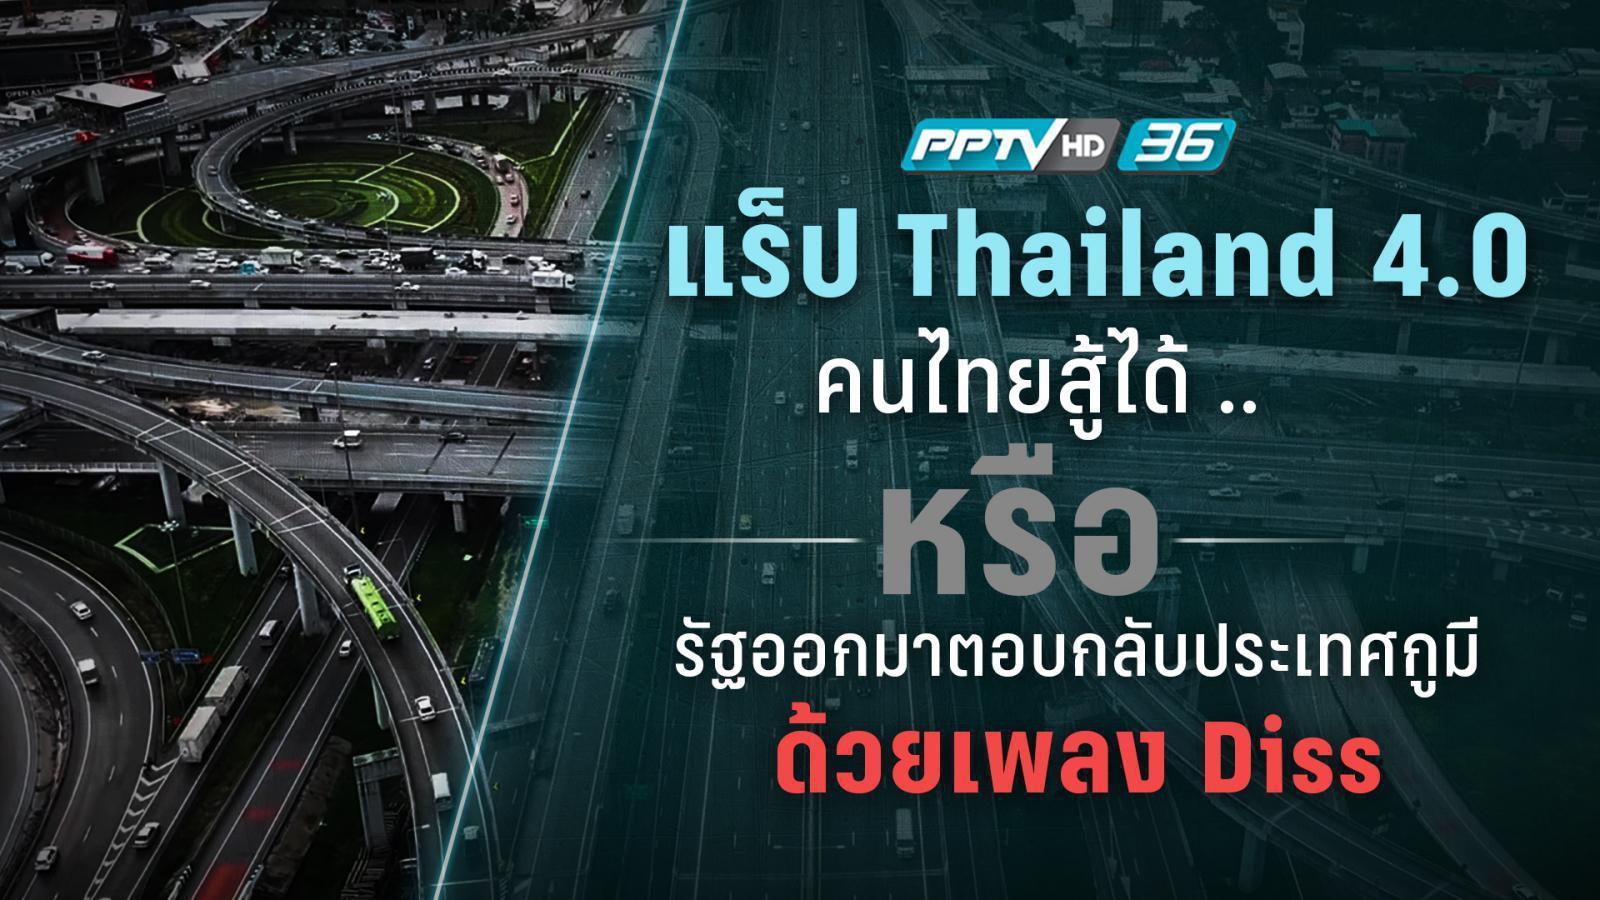 แร็ป Thailand 4.0 คนไทยสู้ได้ ..  หรือรัฐออกมาตอบกลับประเทศกูมี ด้วยเพลง Diss